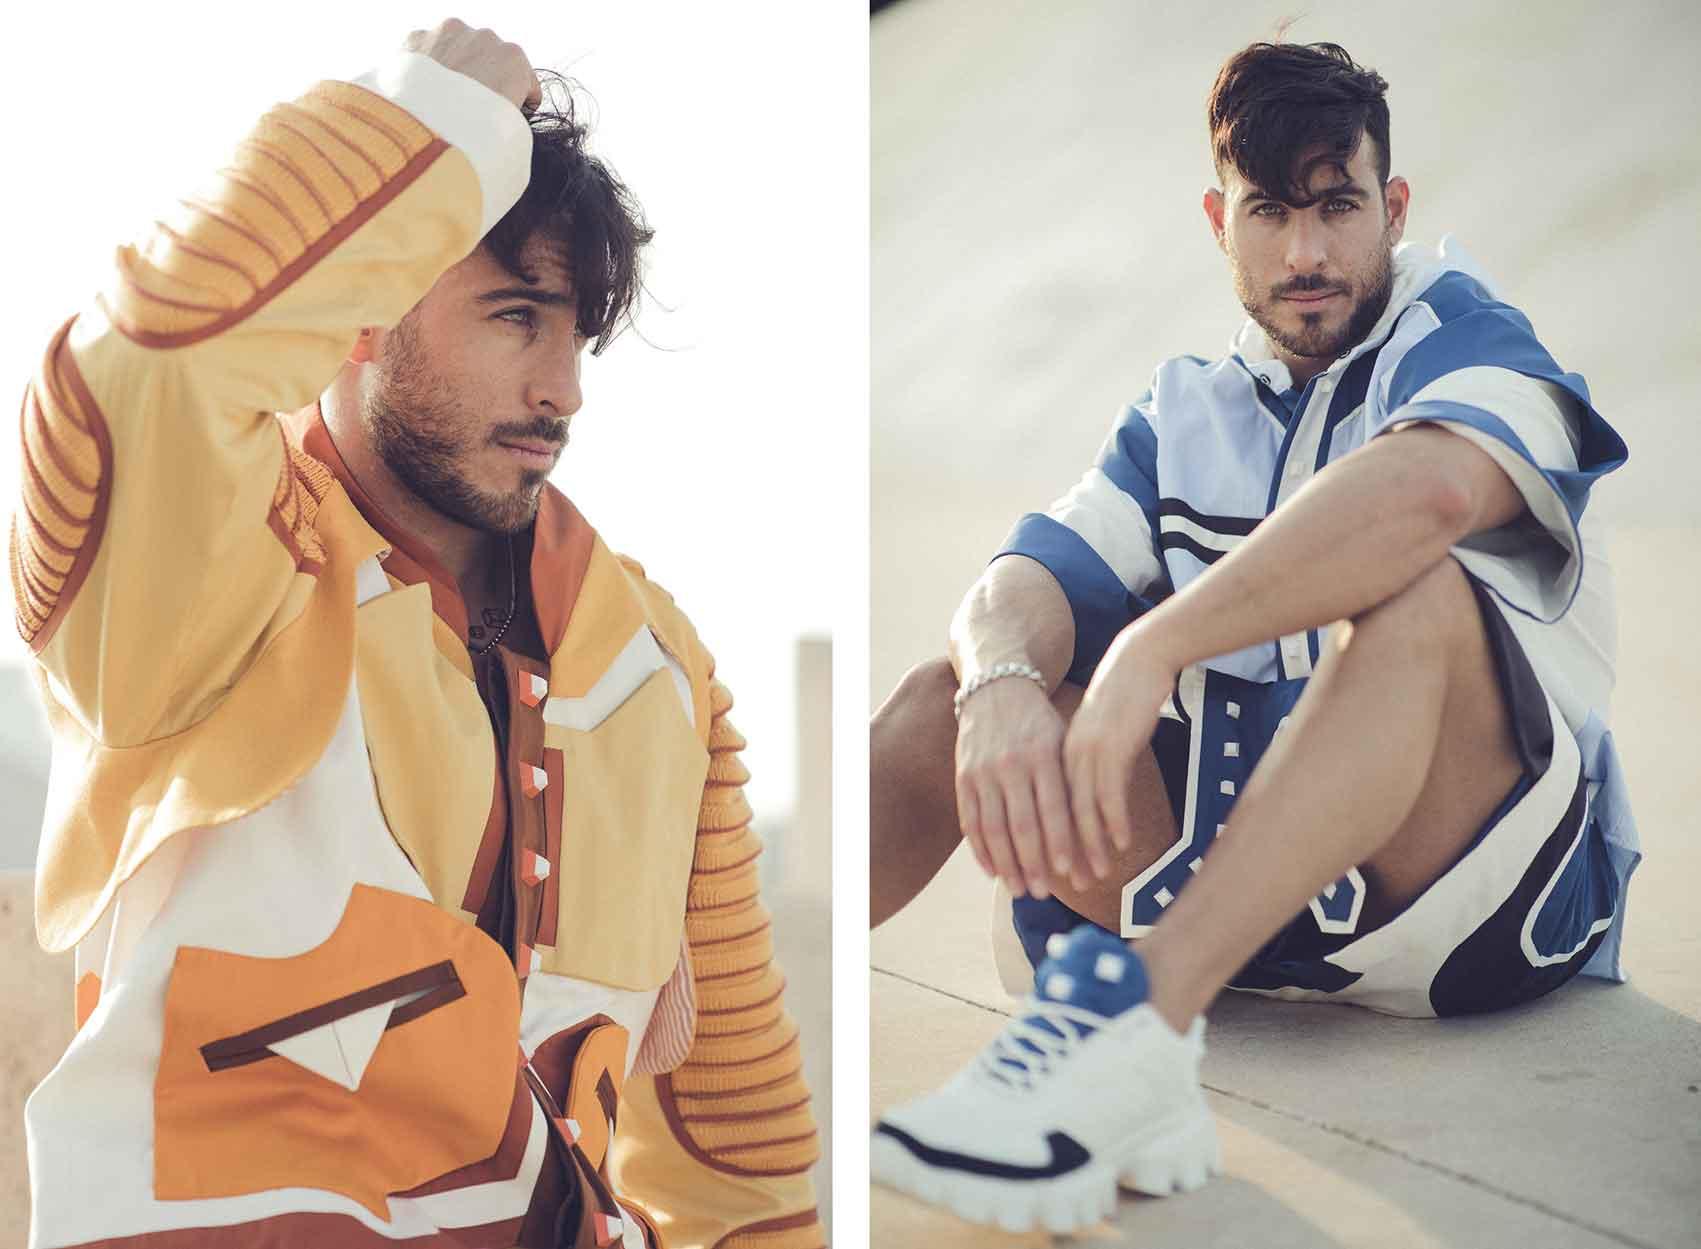 אייל ברקובר - Eyal Berkover, צילום: חן לוי - Chen Levi, מעצב אופנה: תומר סטולבוב - Tomer Stolbov-סטייל